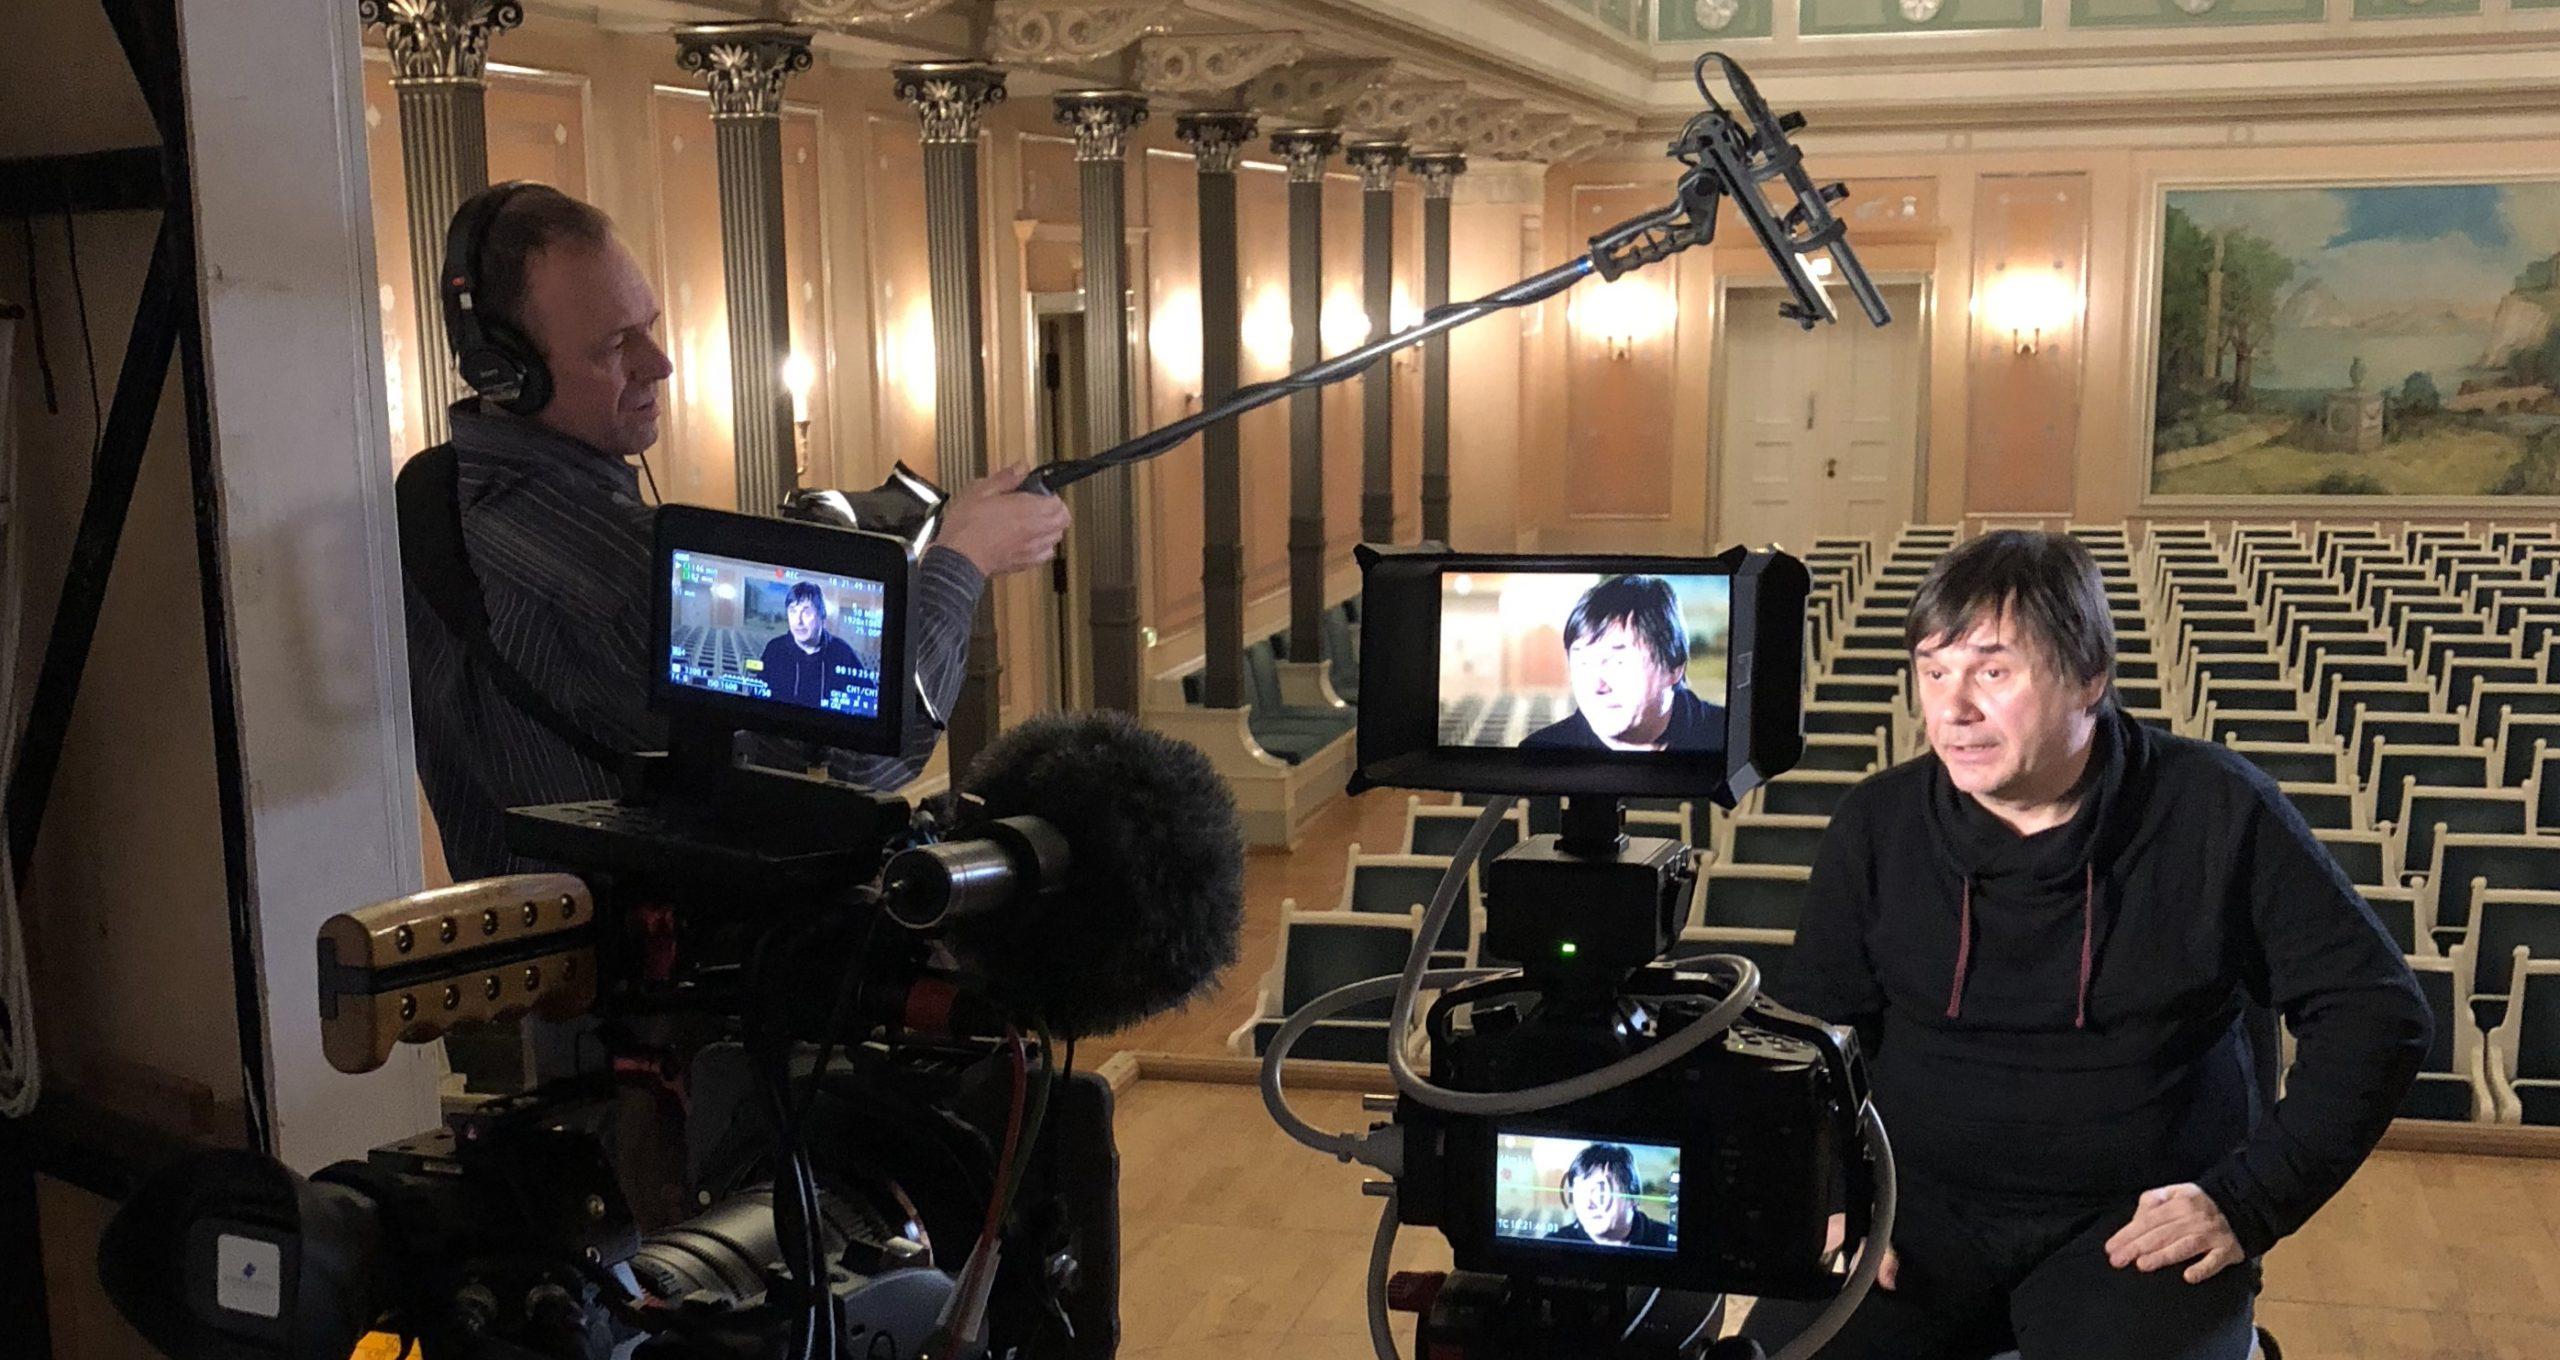 Dreharbeiten im Konzerthaus Berlin/Altenburger Film